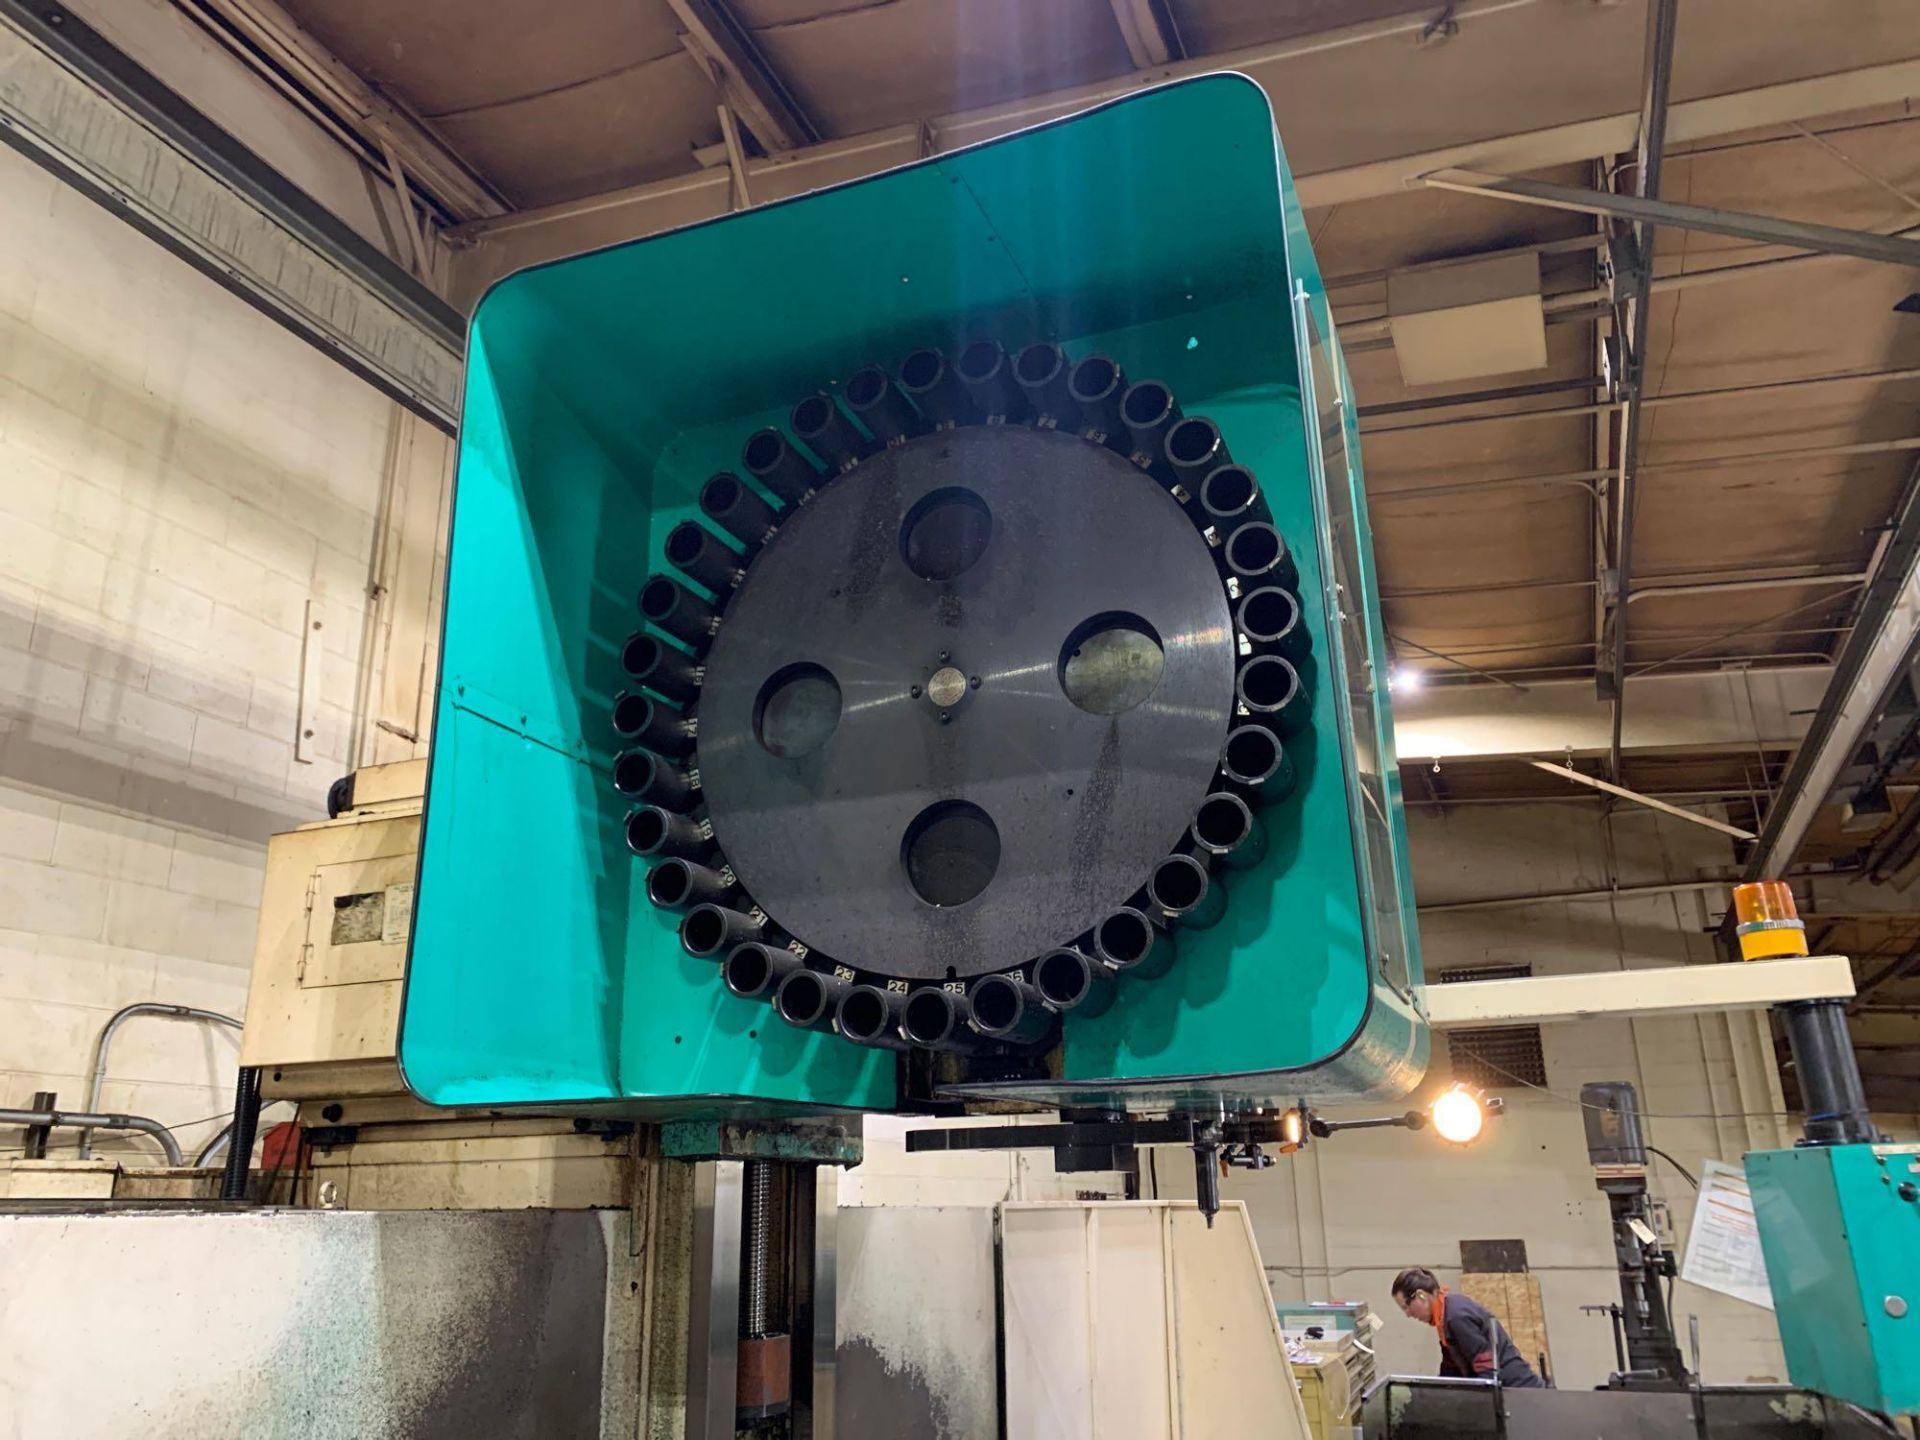 Dah-LihDL- MCV-2100 Vertical Machining Center Make: Dah-Lih Model #: DL- MCV-2100 Serial Number: 21 - Image 11 of 22